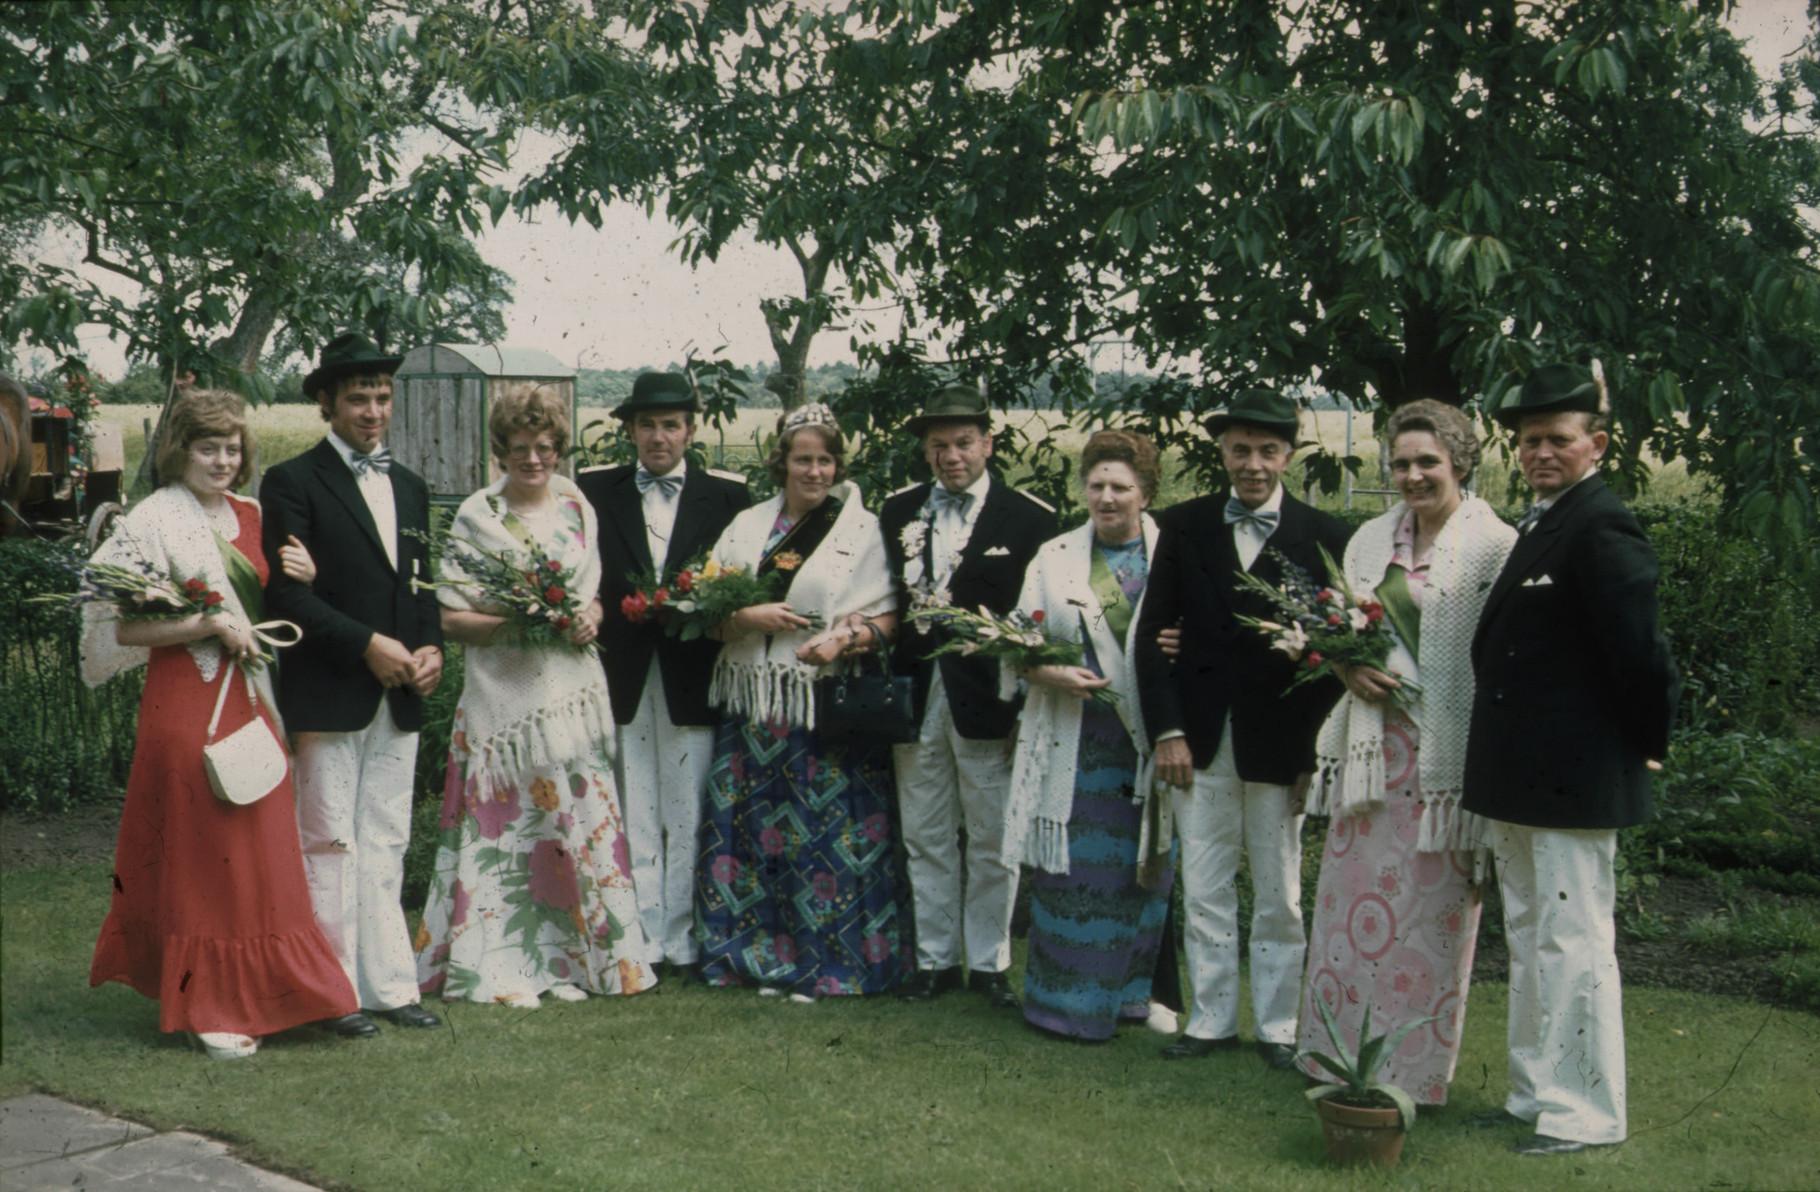 1973: König Josef Wilmer und Königin Anneliese Wilmer